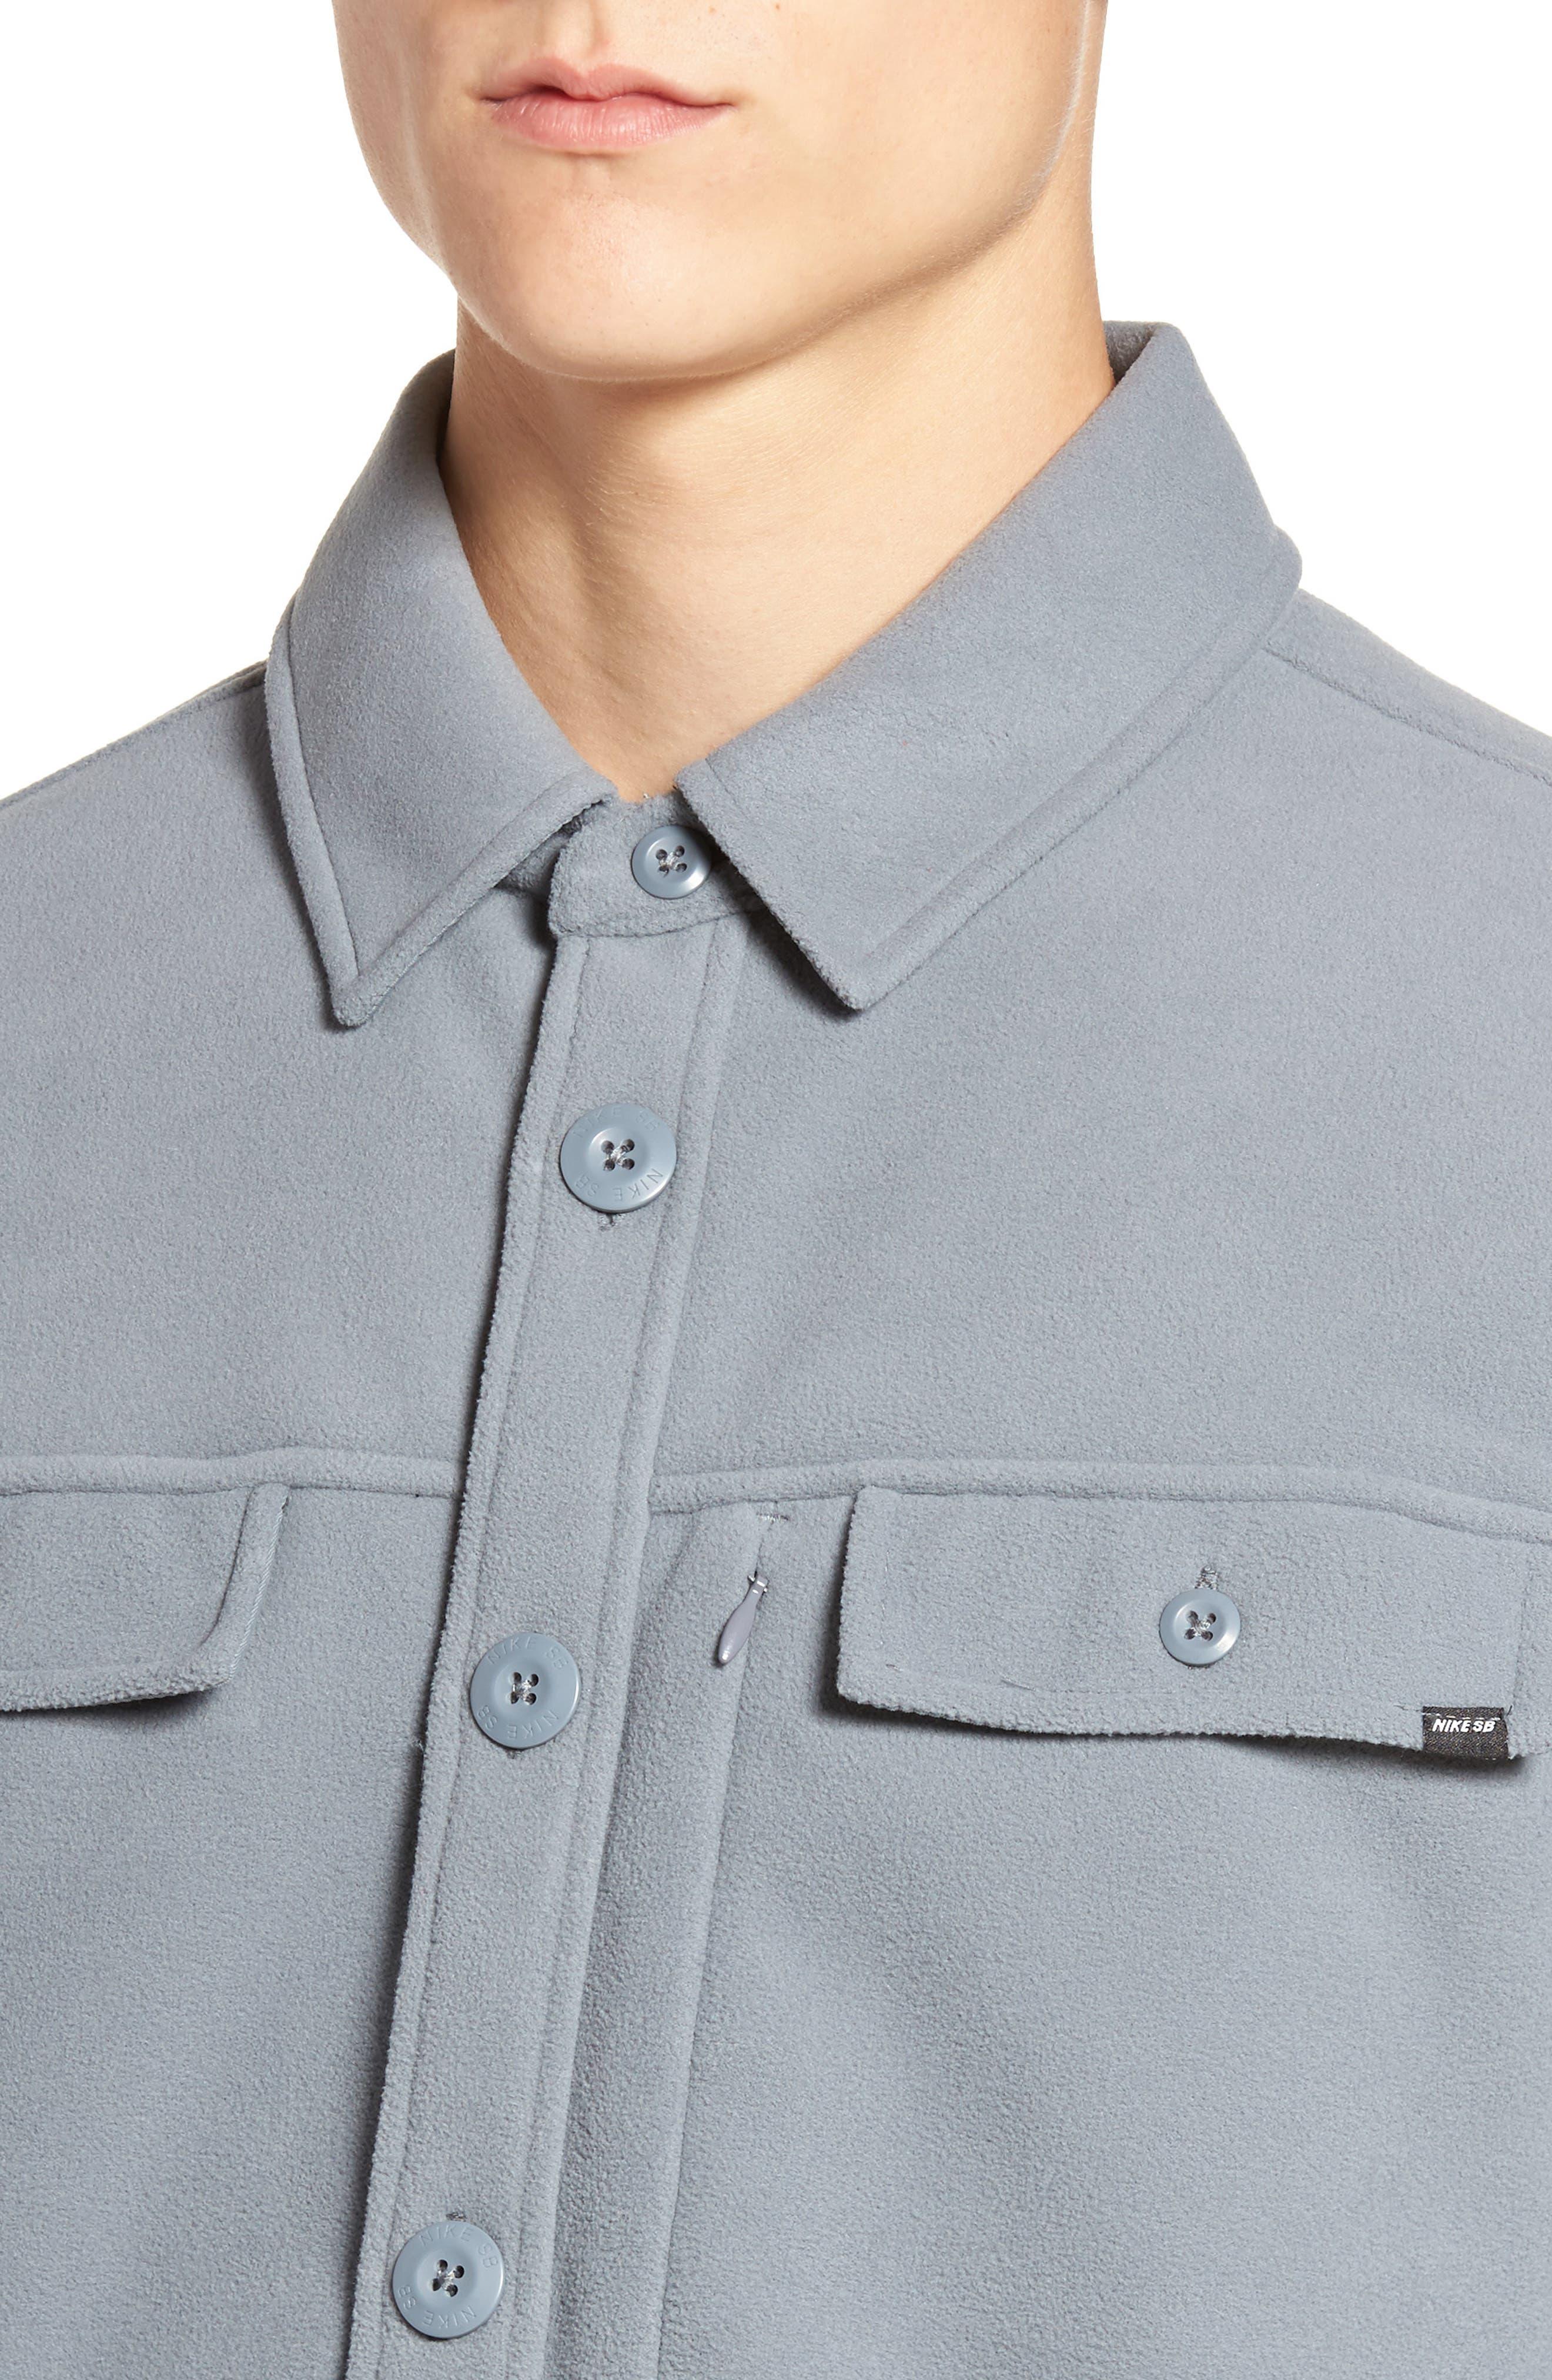 Holgate Windstopper Shirt,                             Alternate thumbnail 8, color,